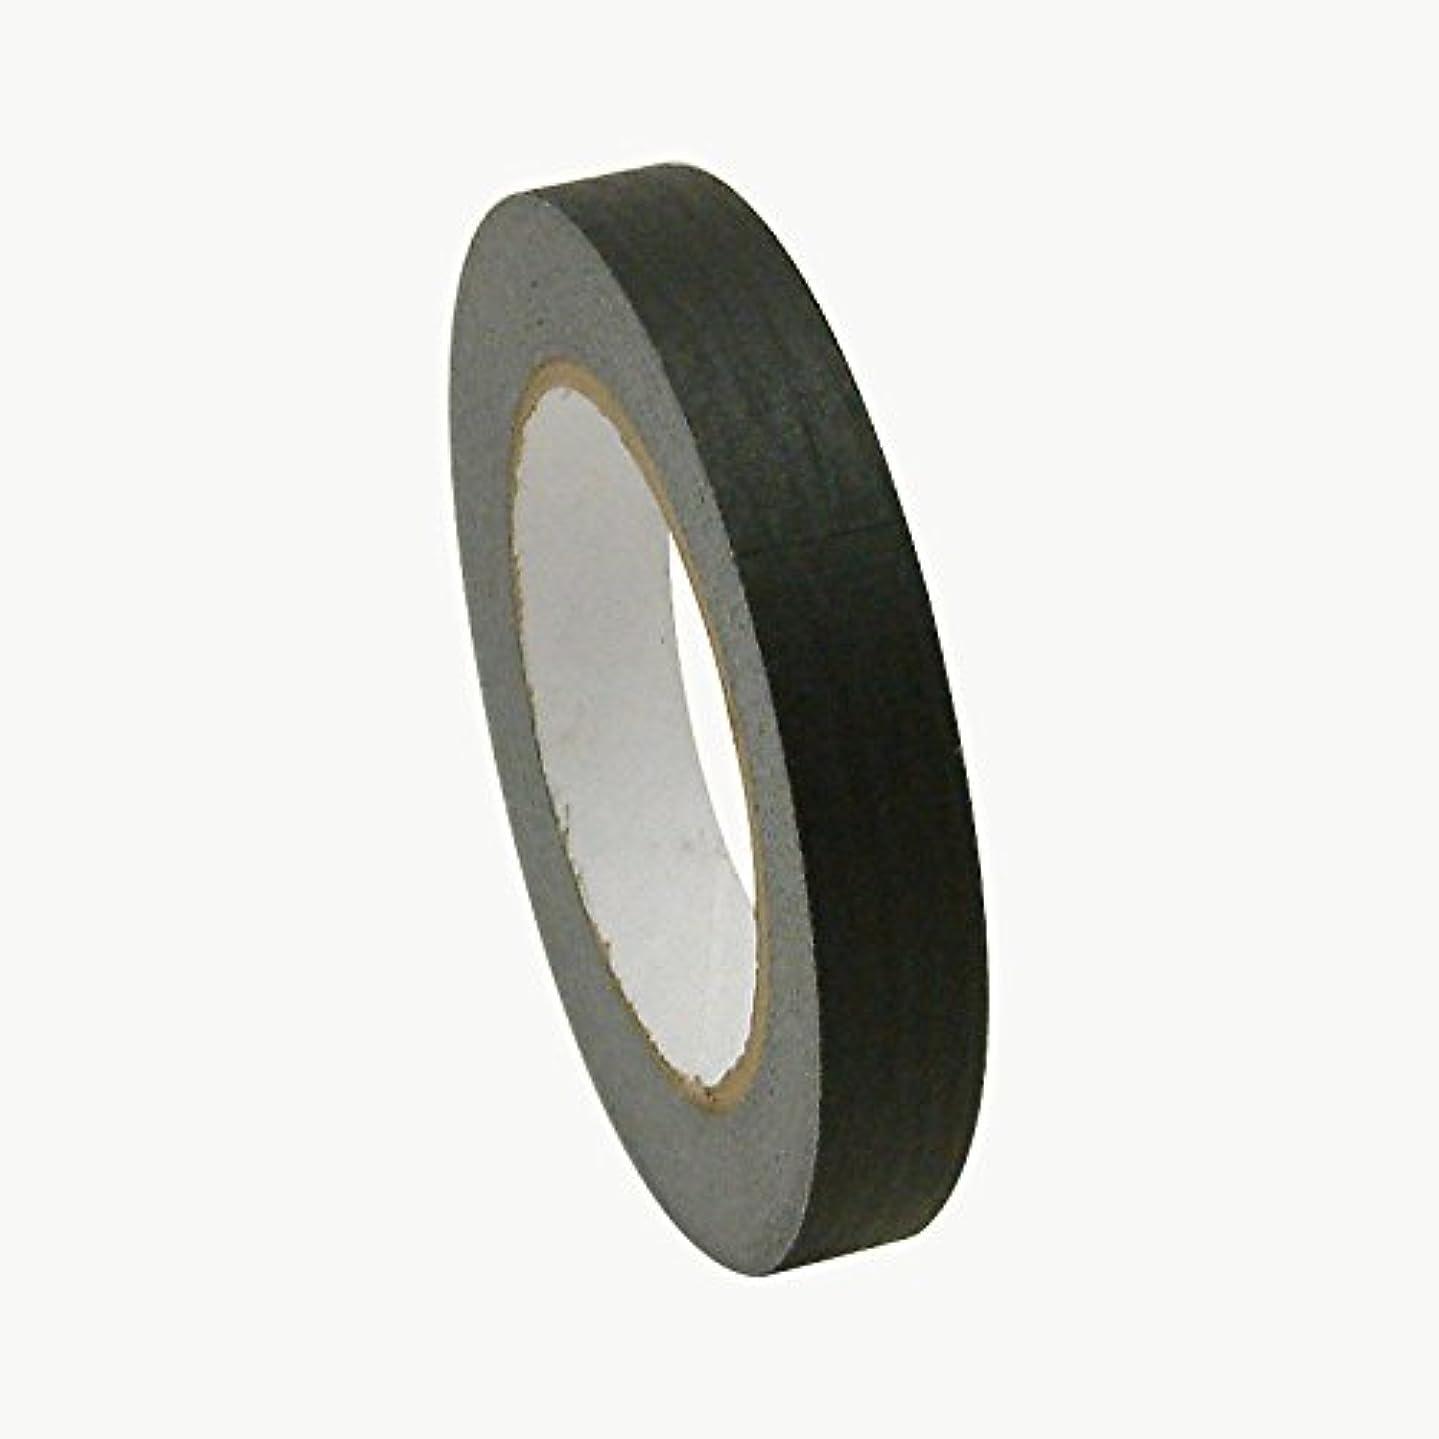 J.V. Converting JV497/BLK07560 JVCC JV497 Black Masking Tape: 3/4